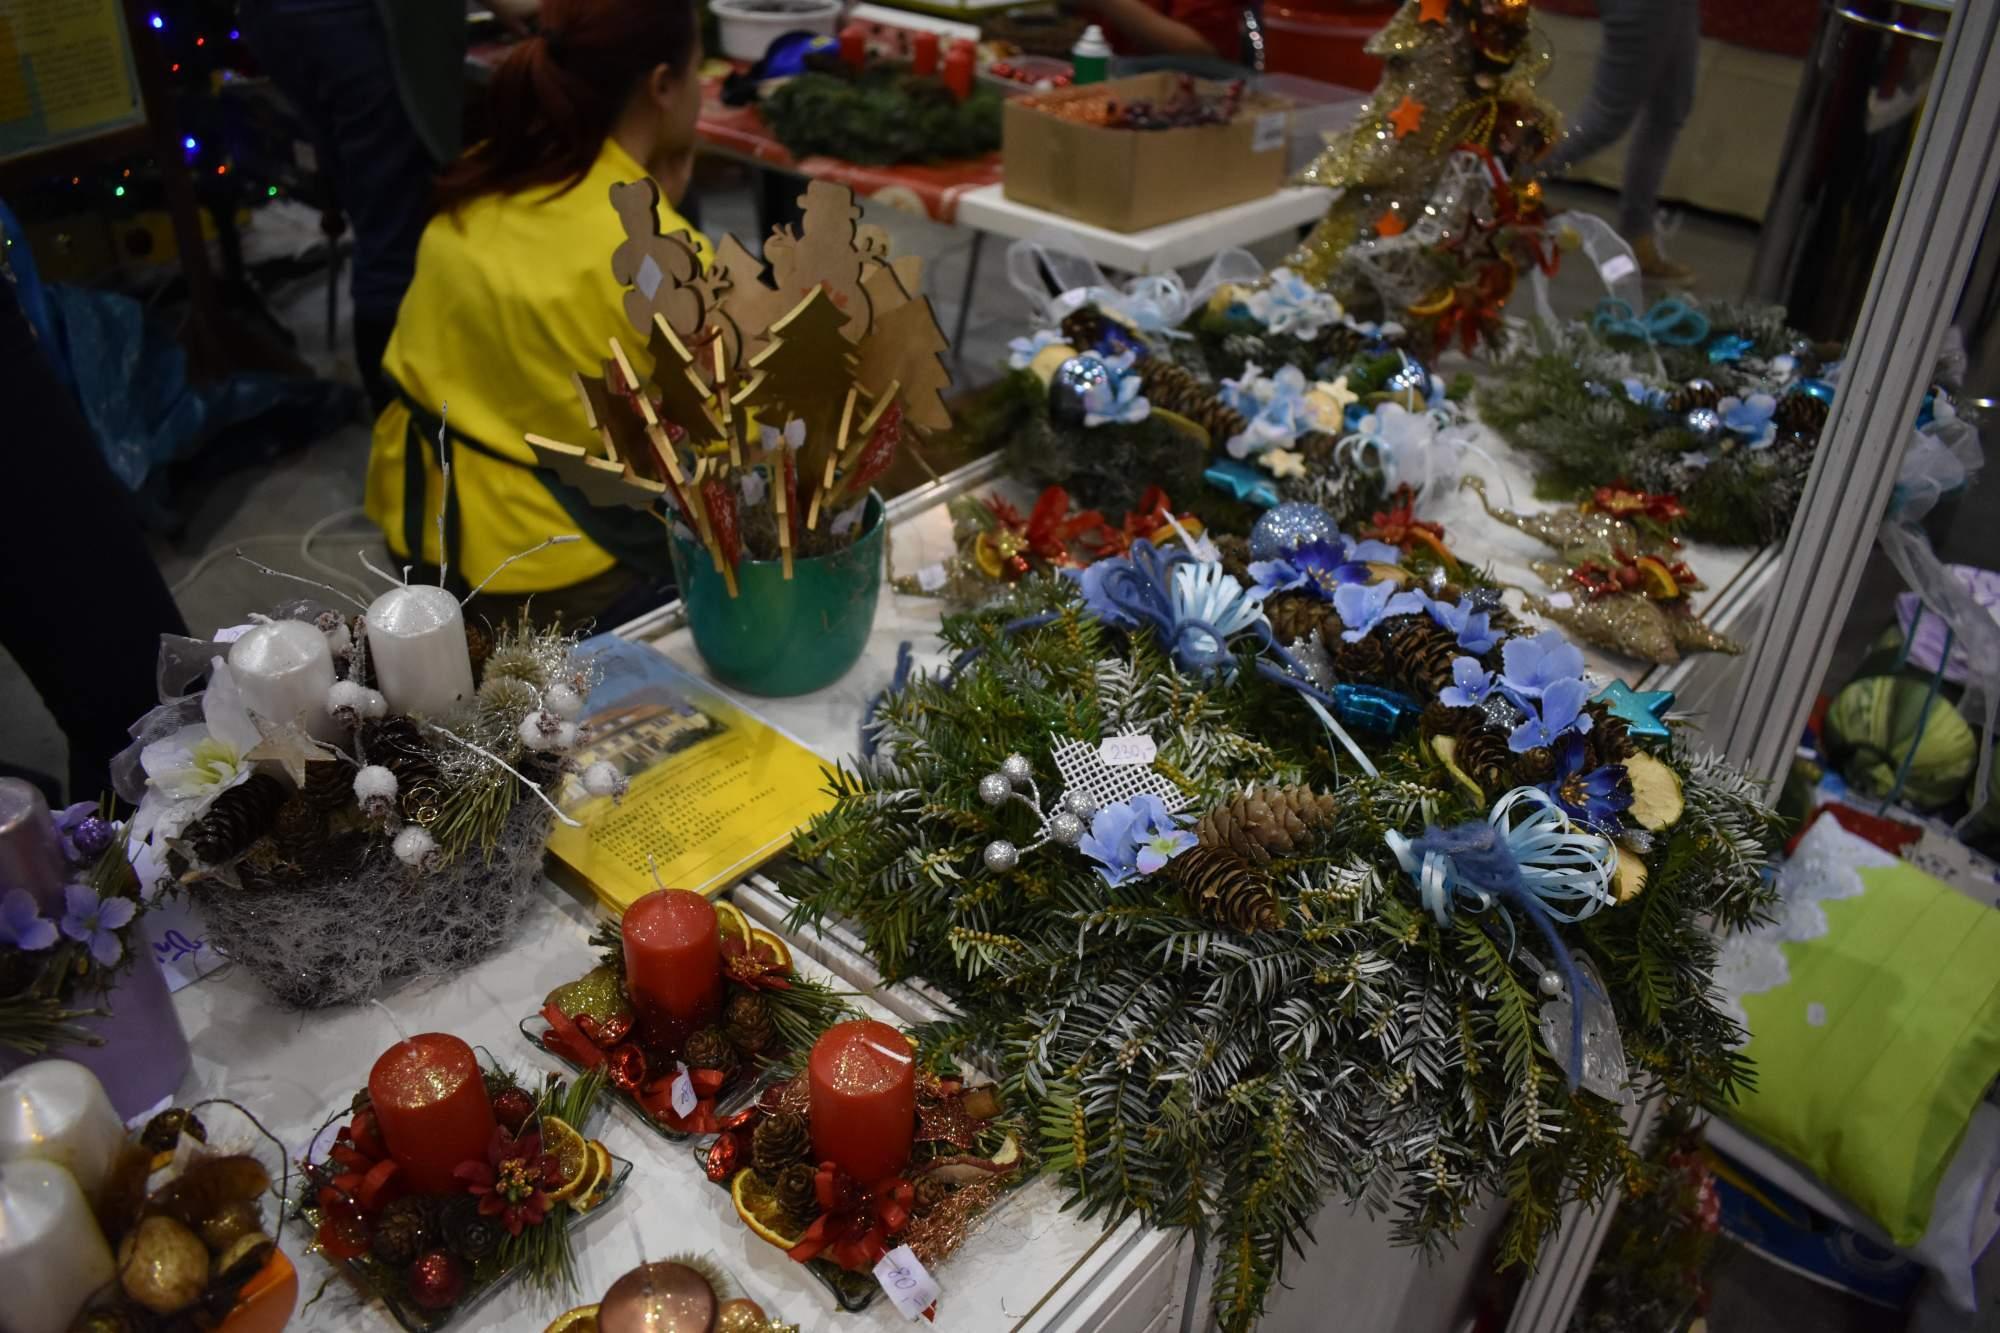 Výrobky z kreativní dílny, které vyrobili žáci. Foto: Eliška Podzemná